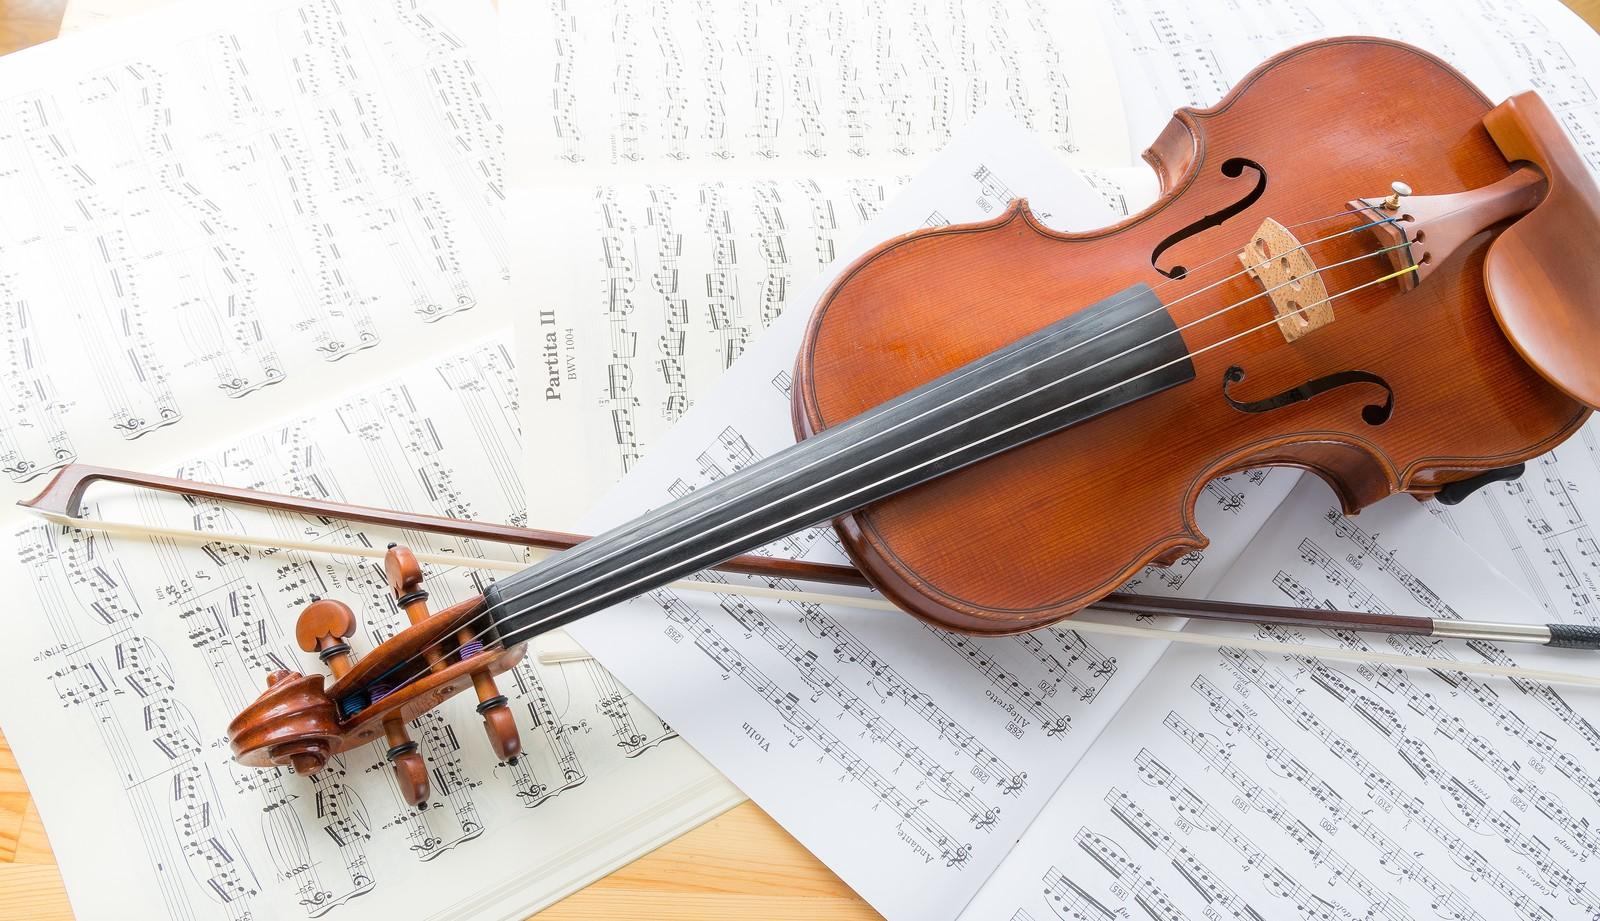 ヴァイオリンにかかるコスト【これから始める人向け】